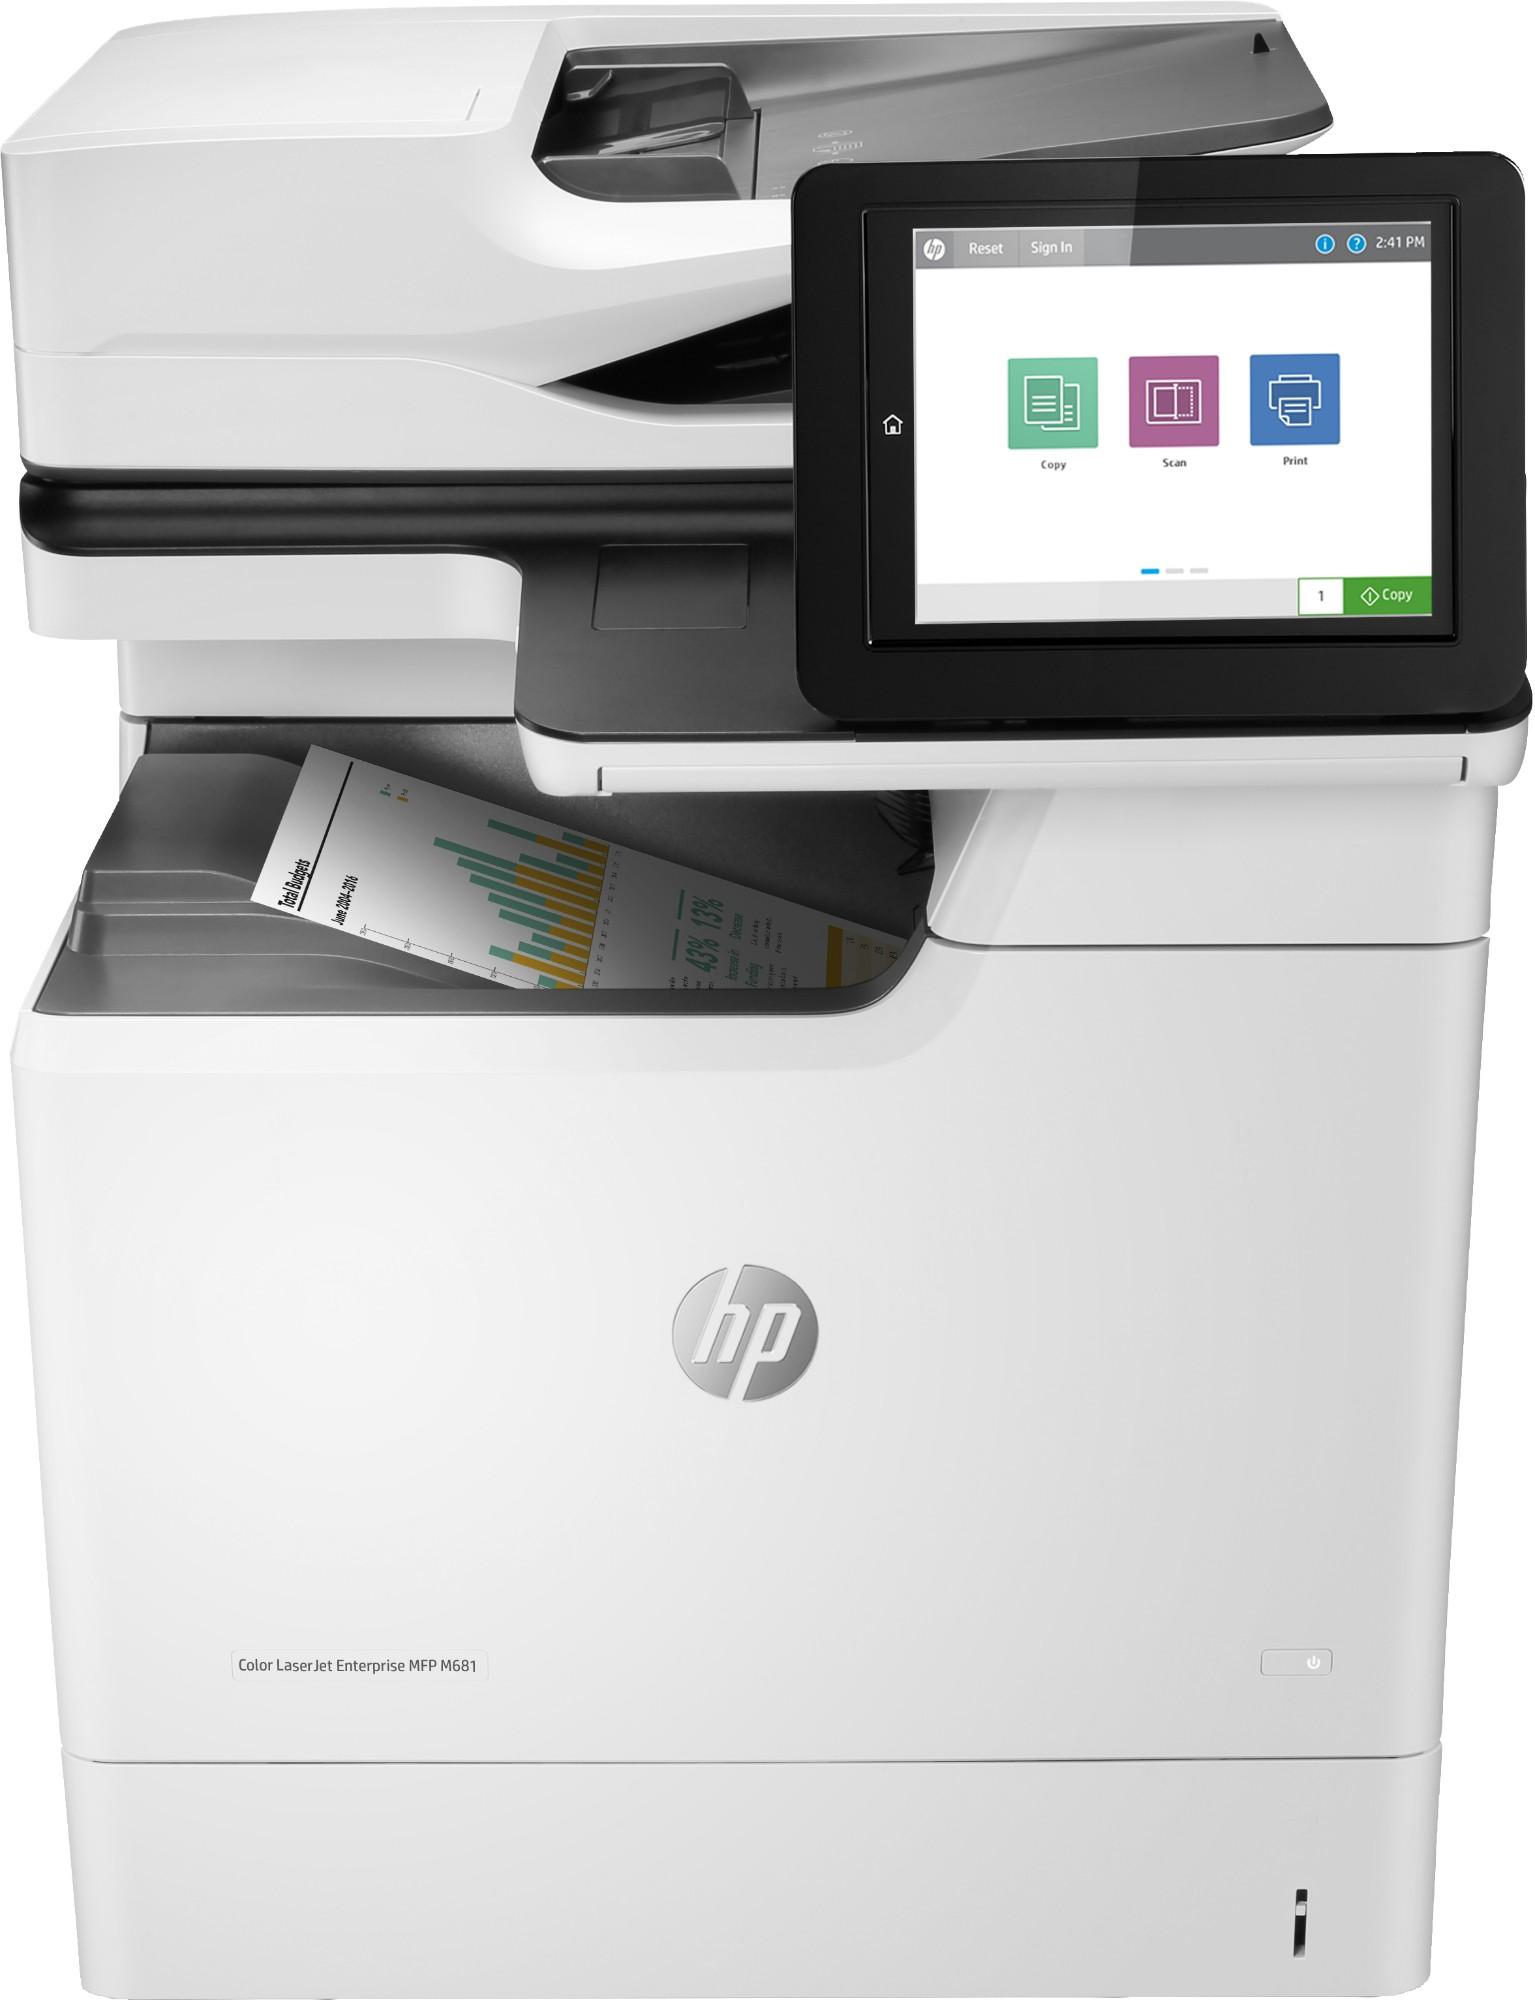 HP Color LaserJet Enterprise MFP M681dh Laser 47 ppm 1200 x 1200 DPI A4